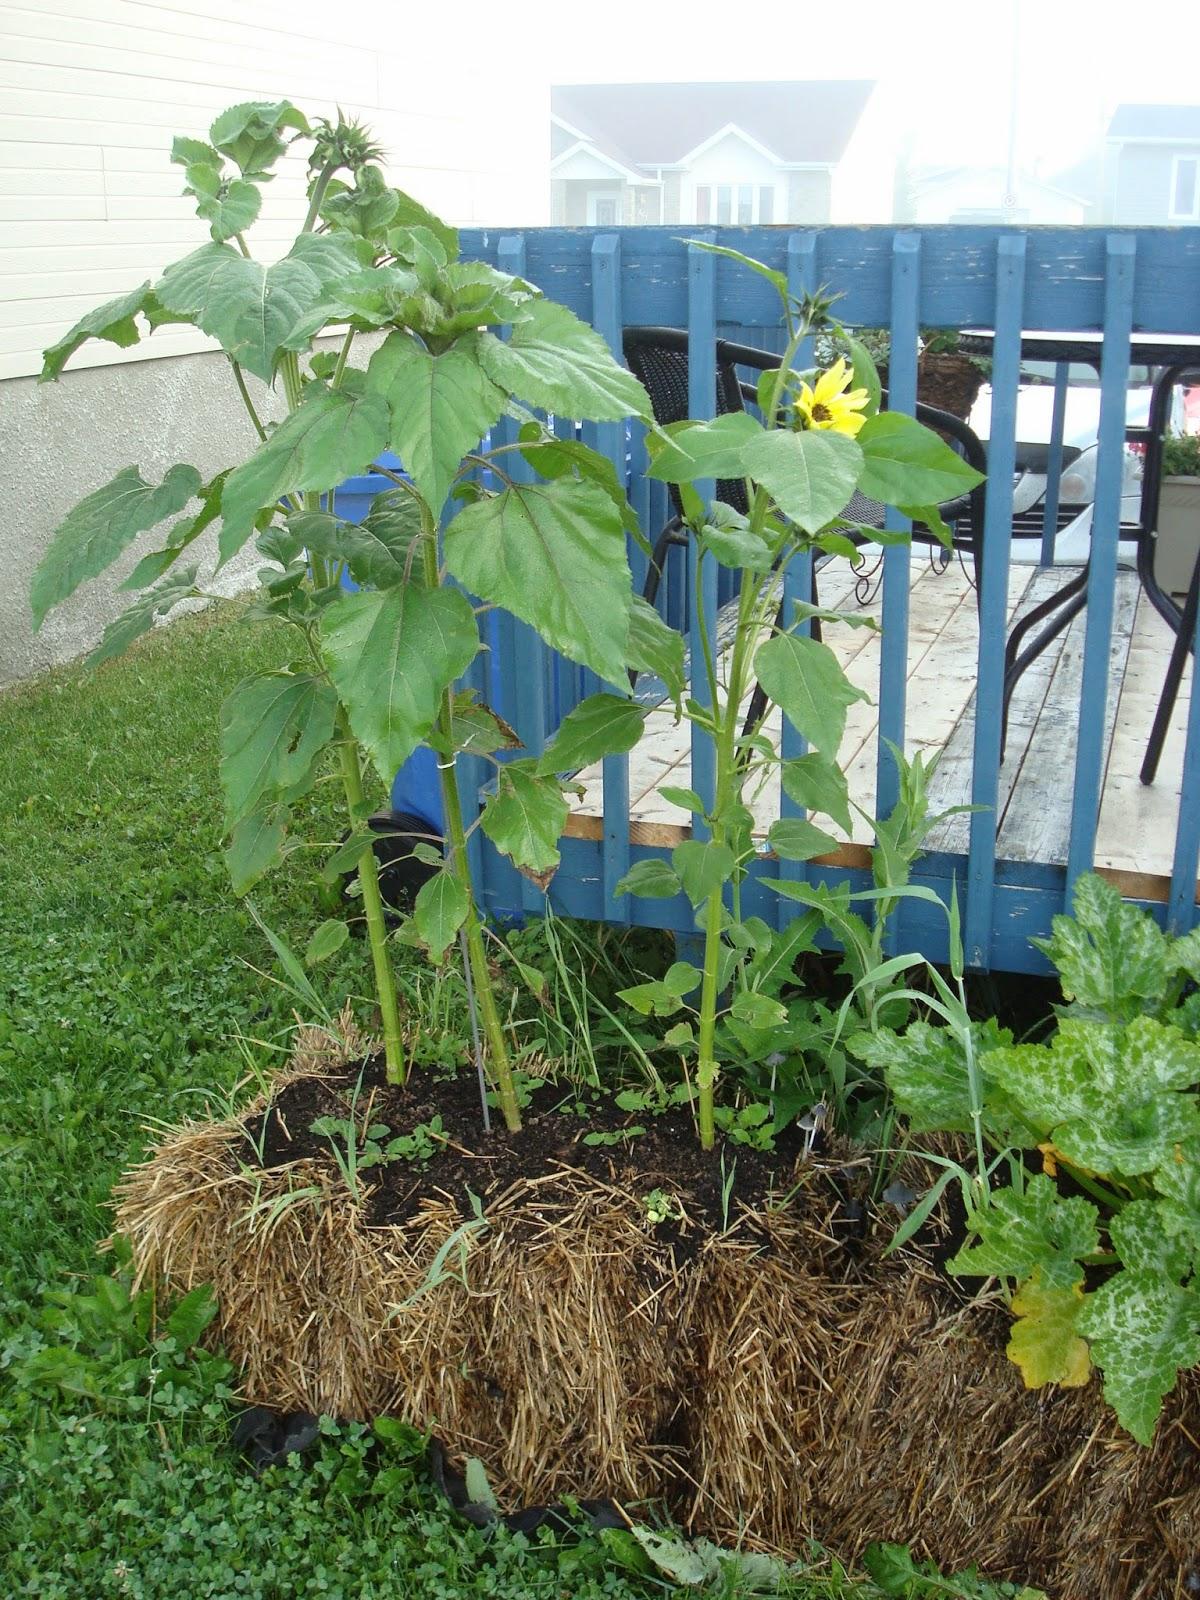 Les aiguilles au jardin jardinage sur botte de paille - Acheter de la paille pour jardin ...